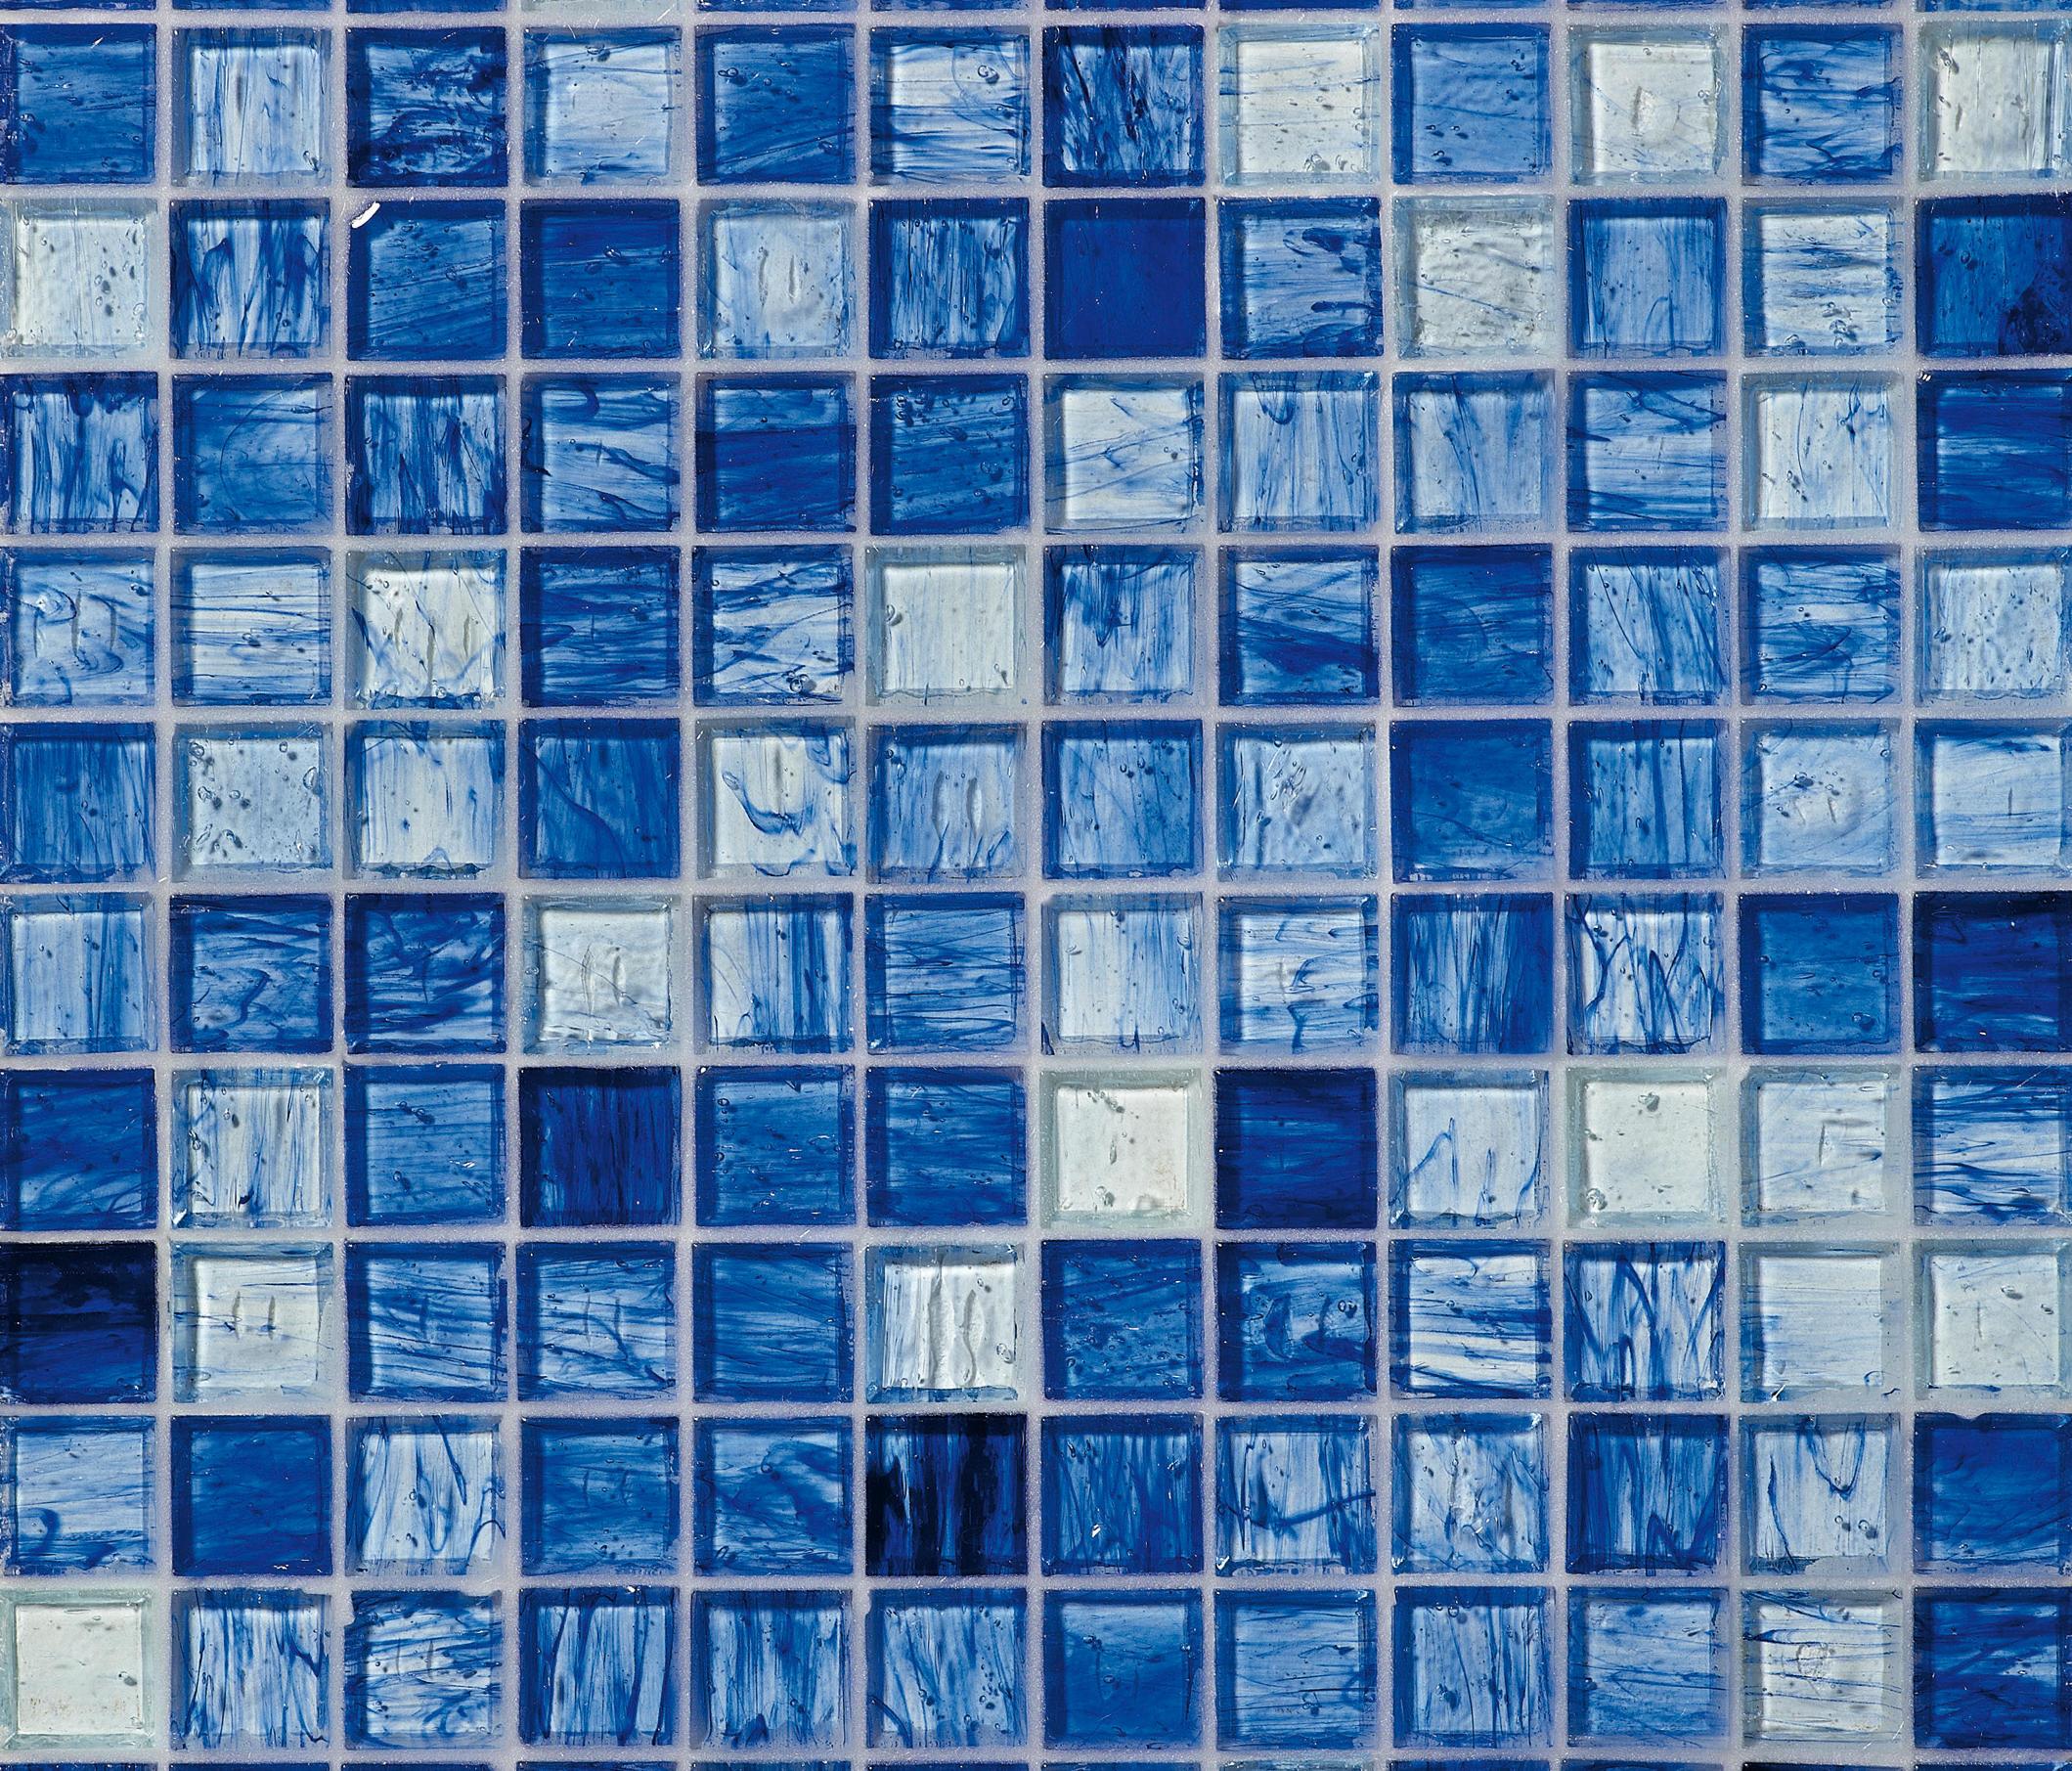 OPERA 25.02 - Glass mosaics from Bisazza | Architonic